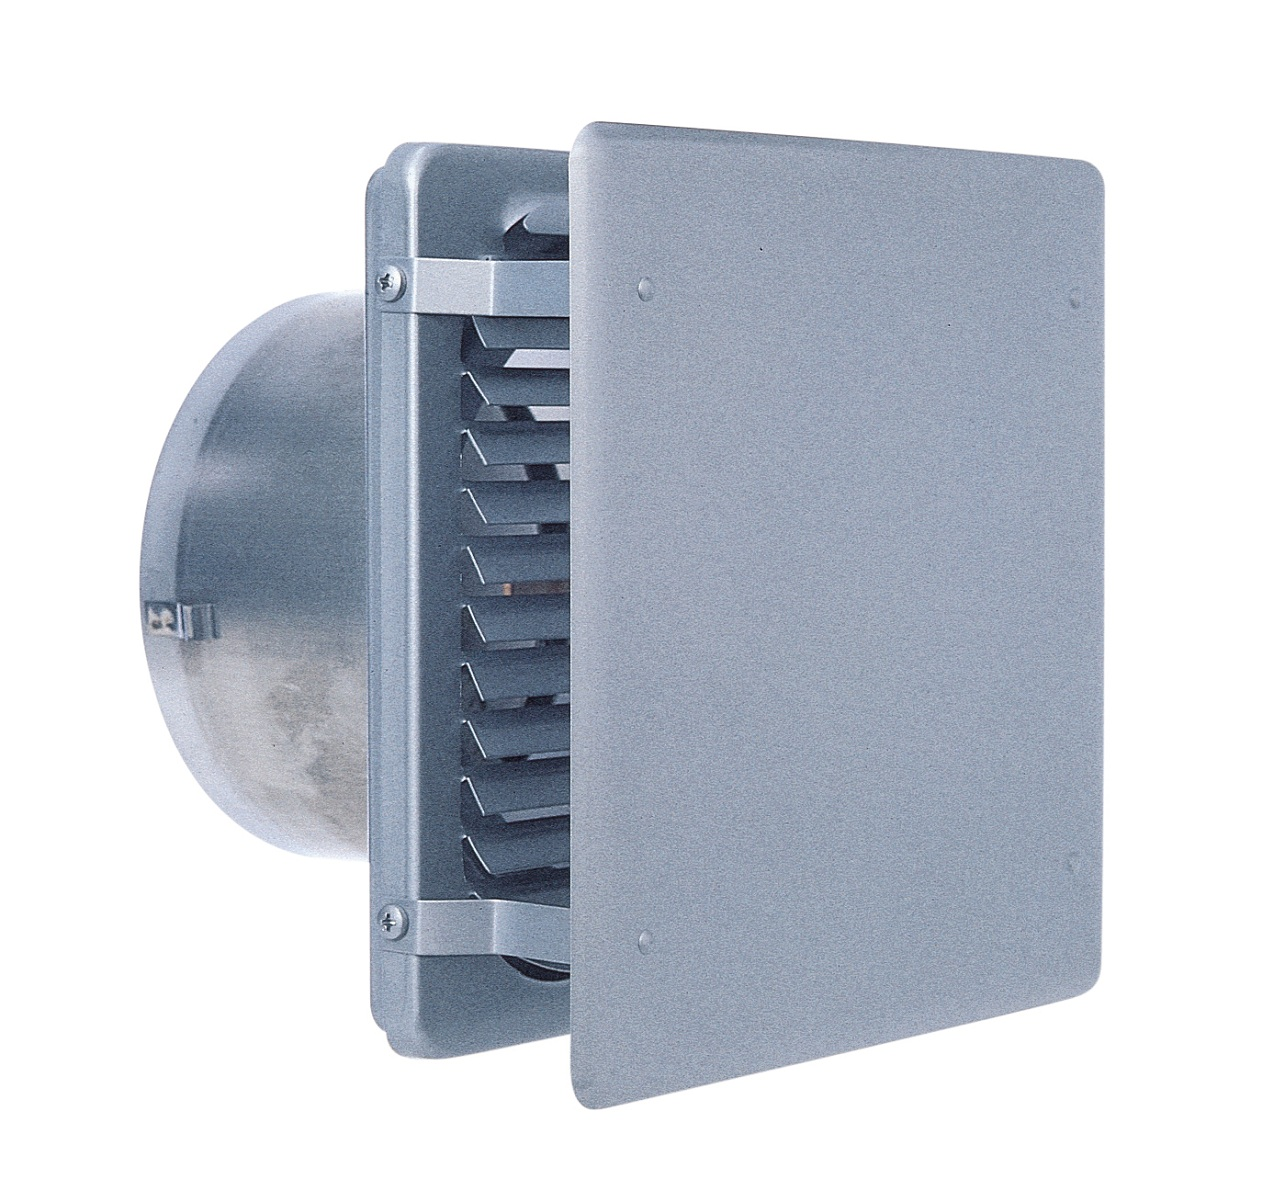 西邦工業 SEIHO KXBD175SC 外壁用ステンレス製換気口 (フラットカバー付換気口) 角ガラリ型 フラットカバー付 防火ダンパー付